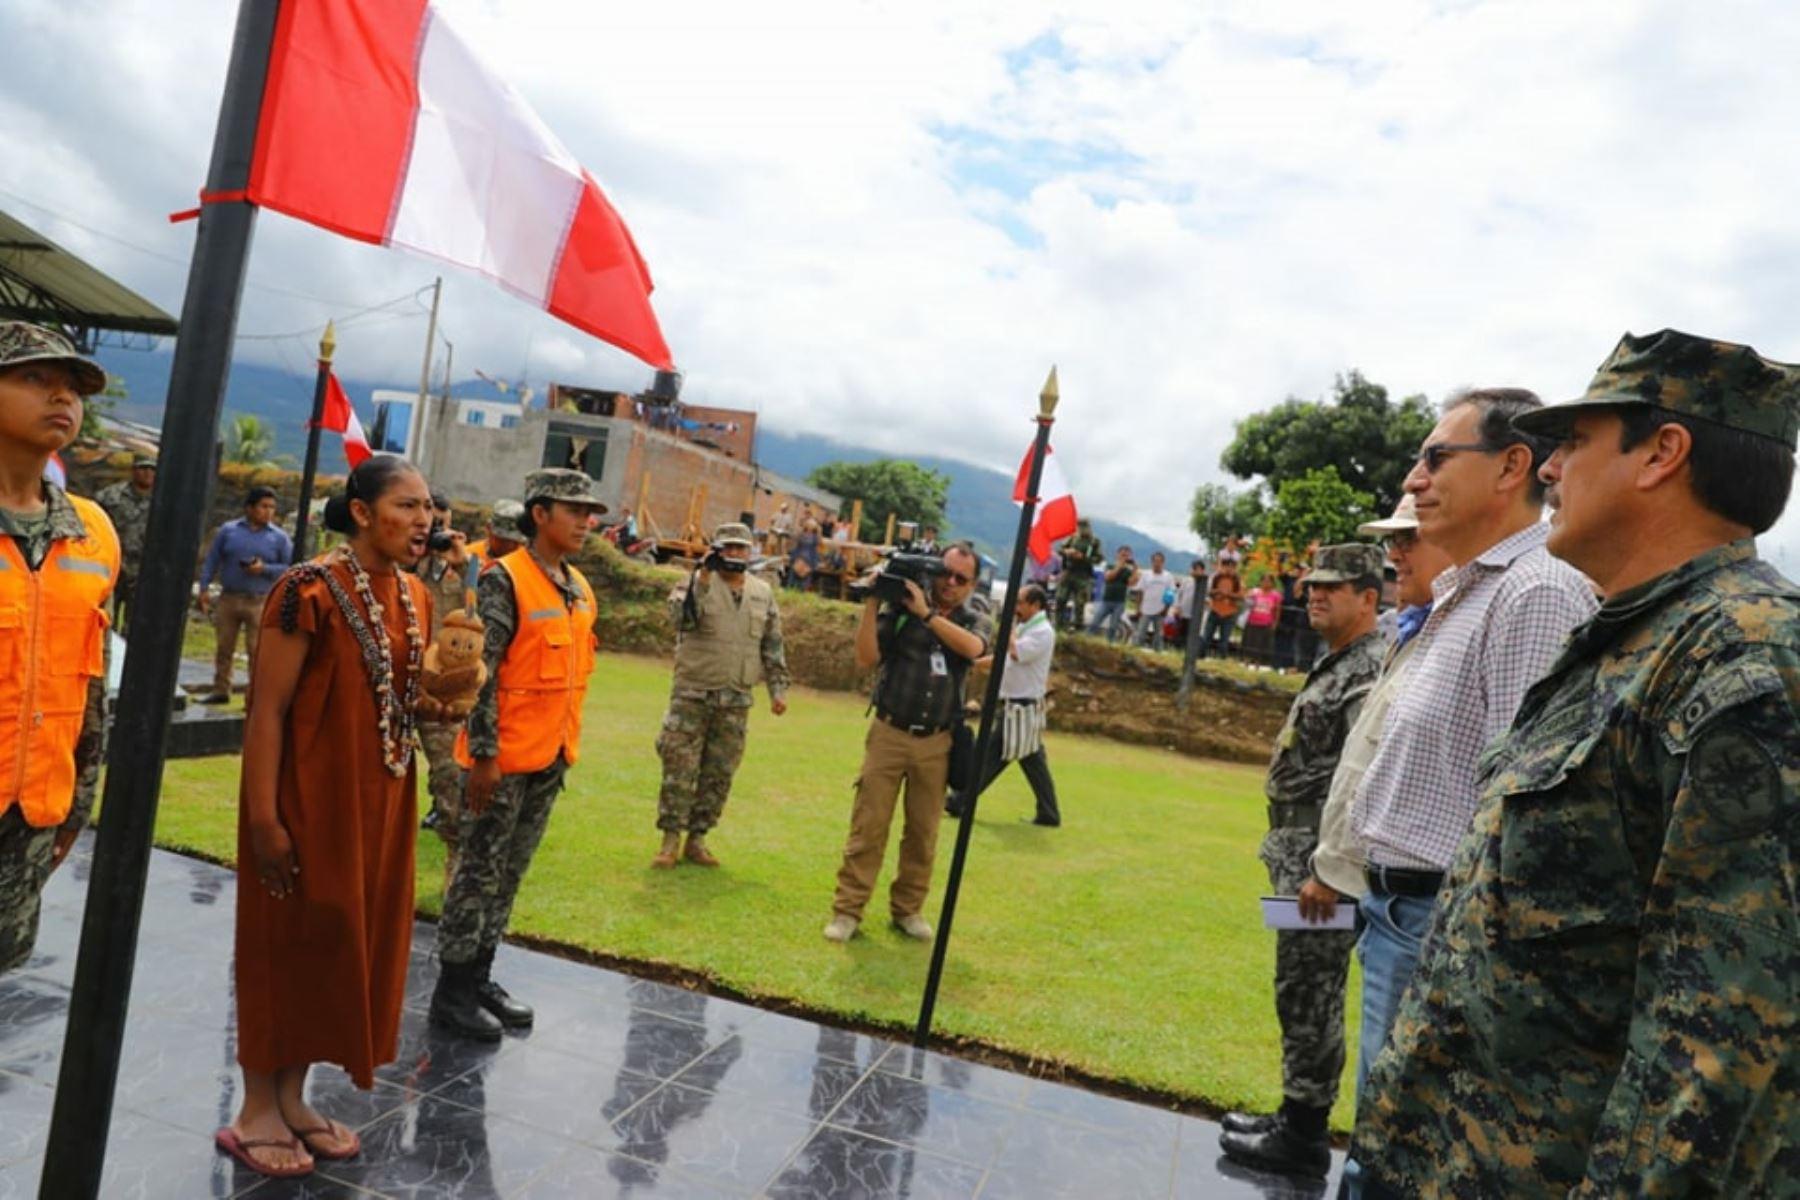 Presidente Martín Vizcarra, llega a la región Junín con el propósito de verificar las atenciones que brinda el Estado a la población de San Martín de Pangoa. Foto: ANDINA/ Prensa Presidencia